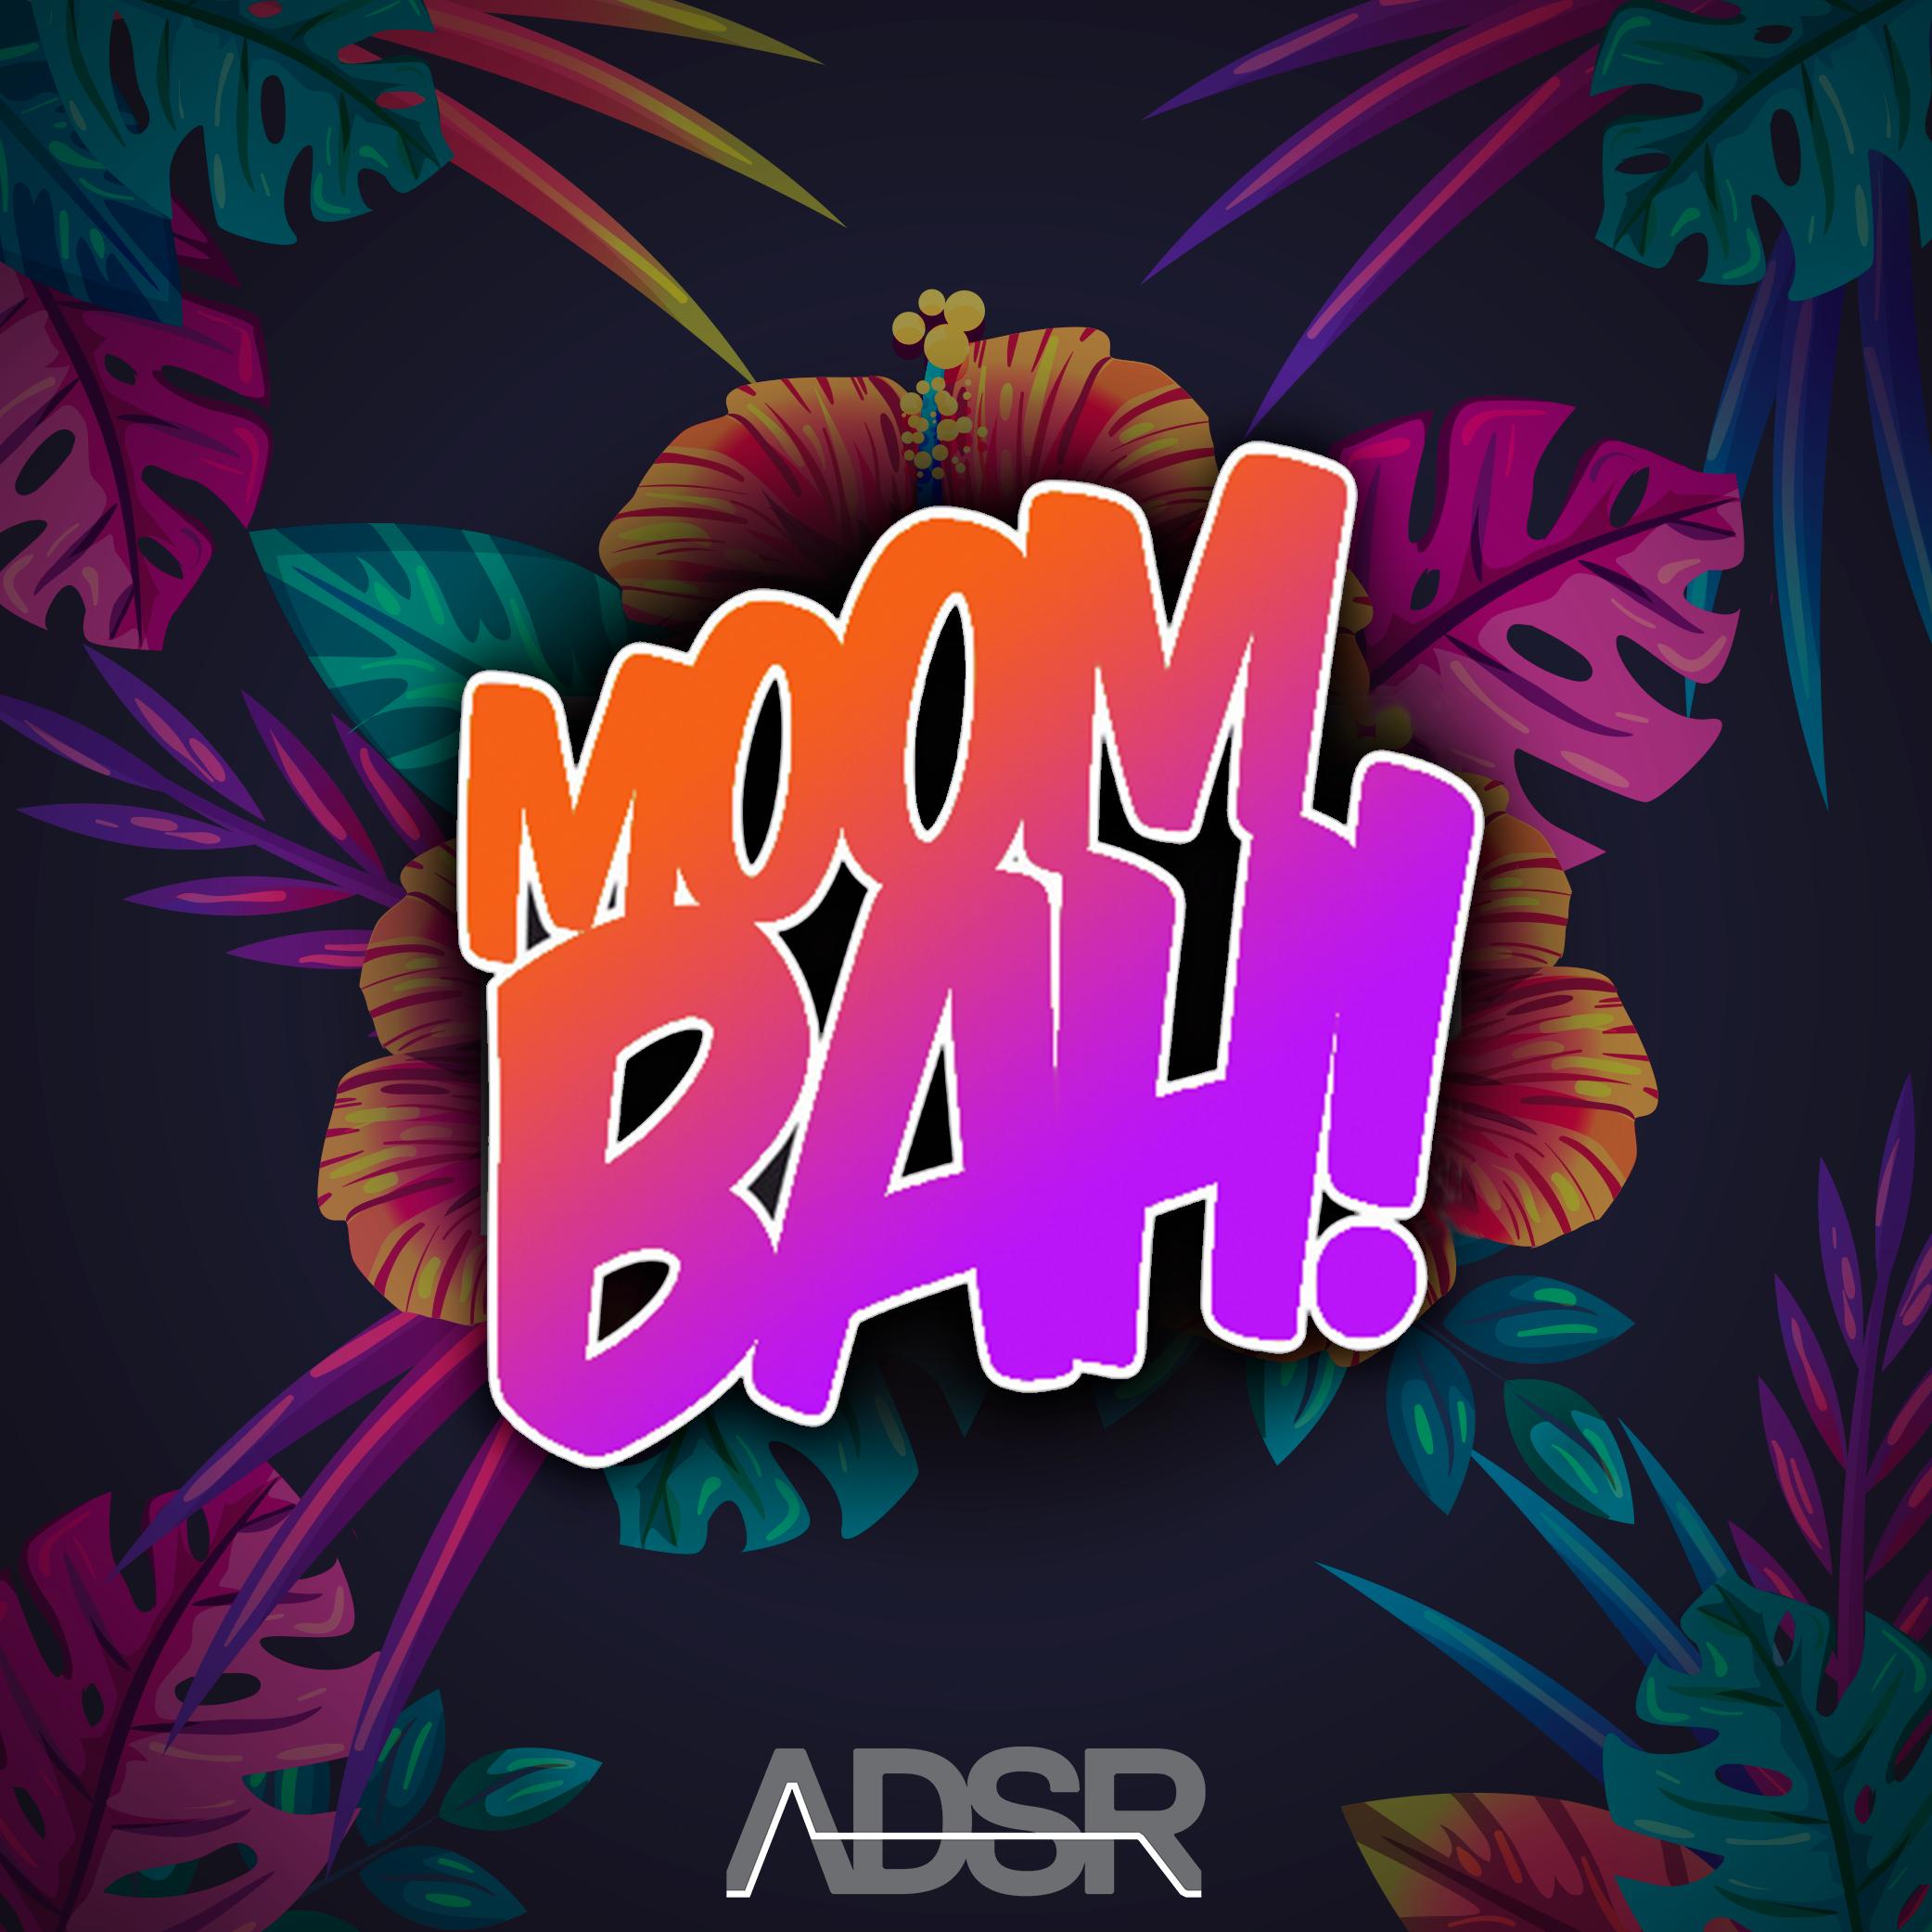 ADSR Moombah